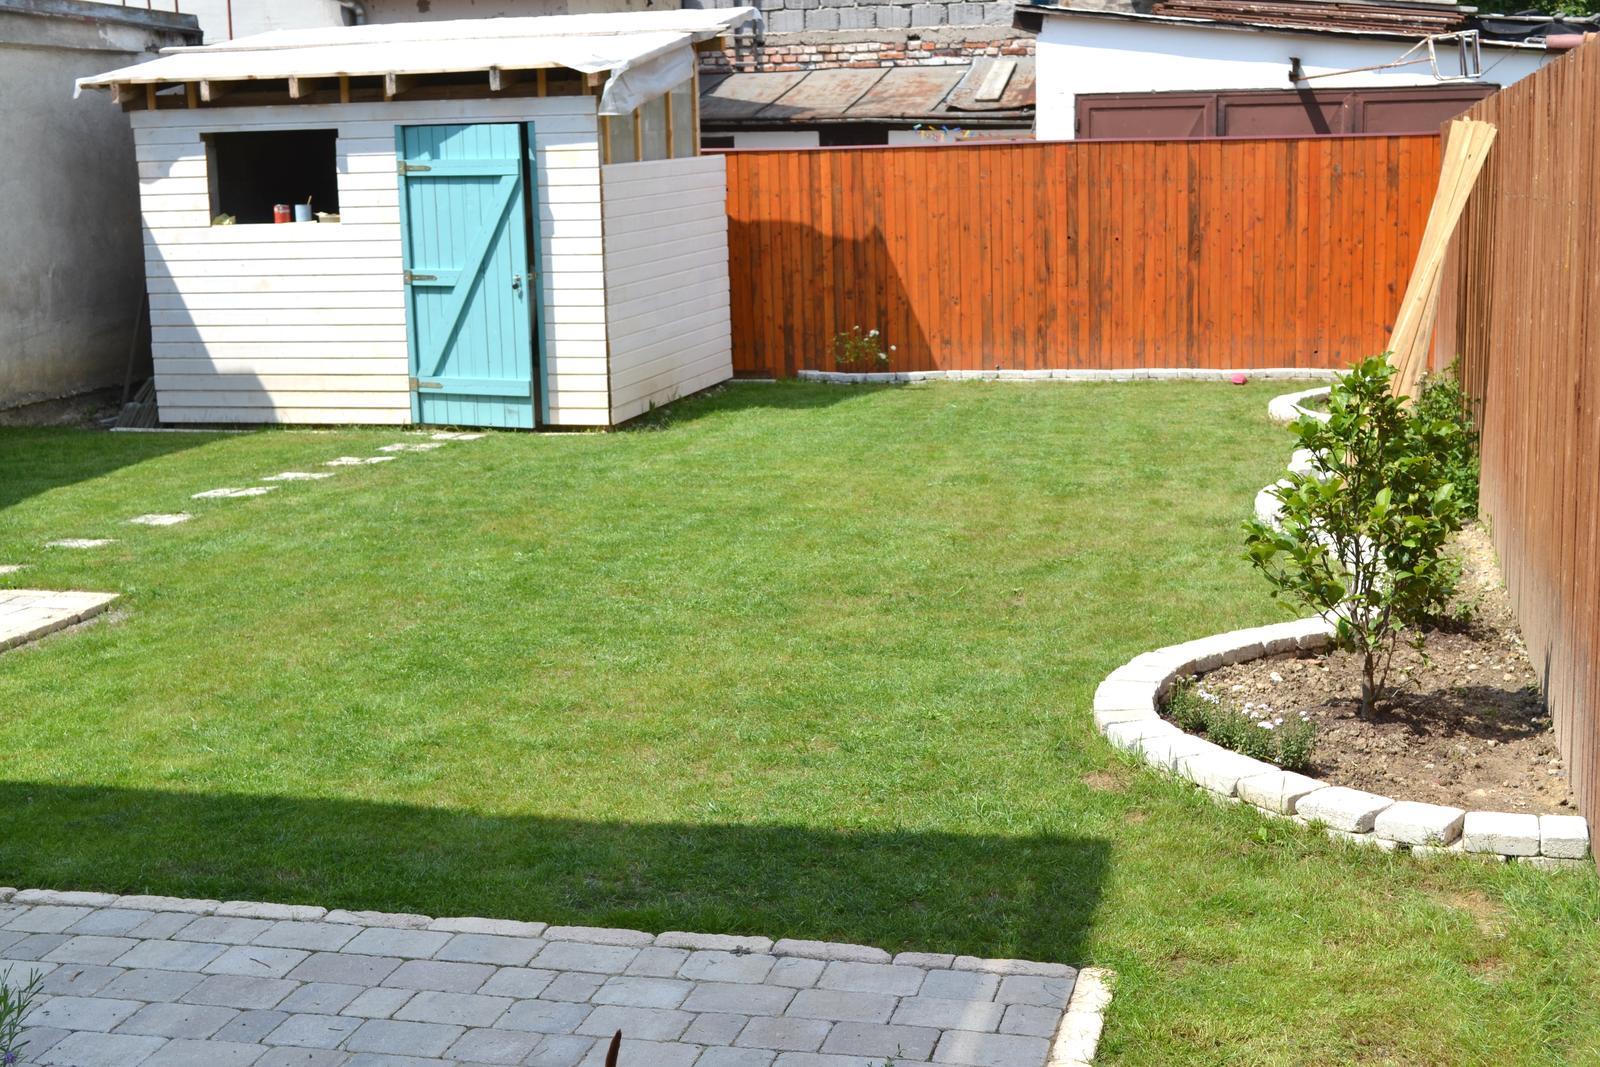 Projekt - záhrada ;-) - mame travu.. nie je to sice wimbledonsky travnicek, ale tesime sa z neho.. kolnicka v stadiu utlmu, pokracovanie coskoro.. :-)